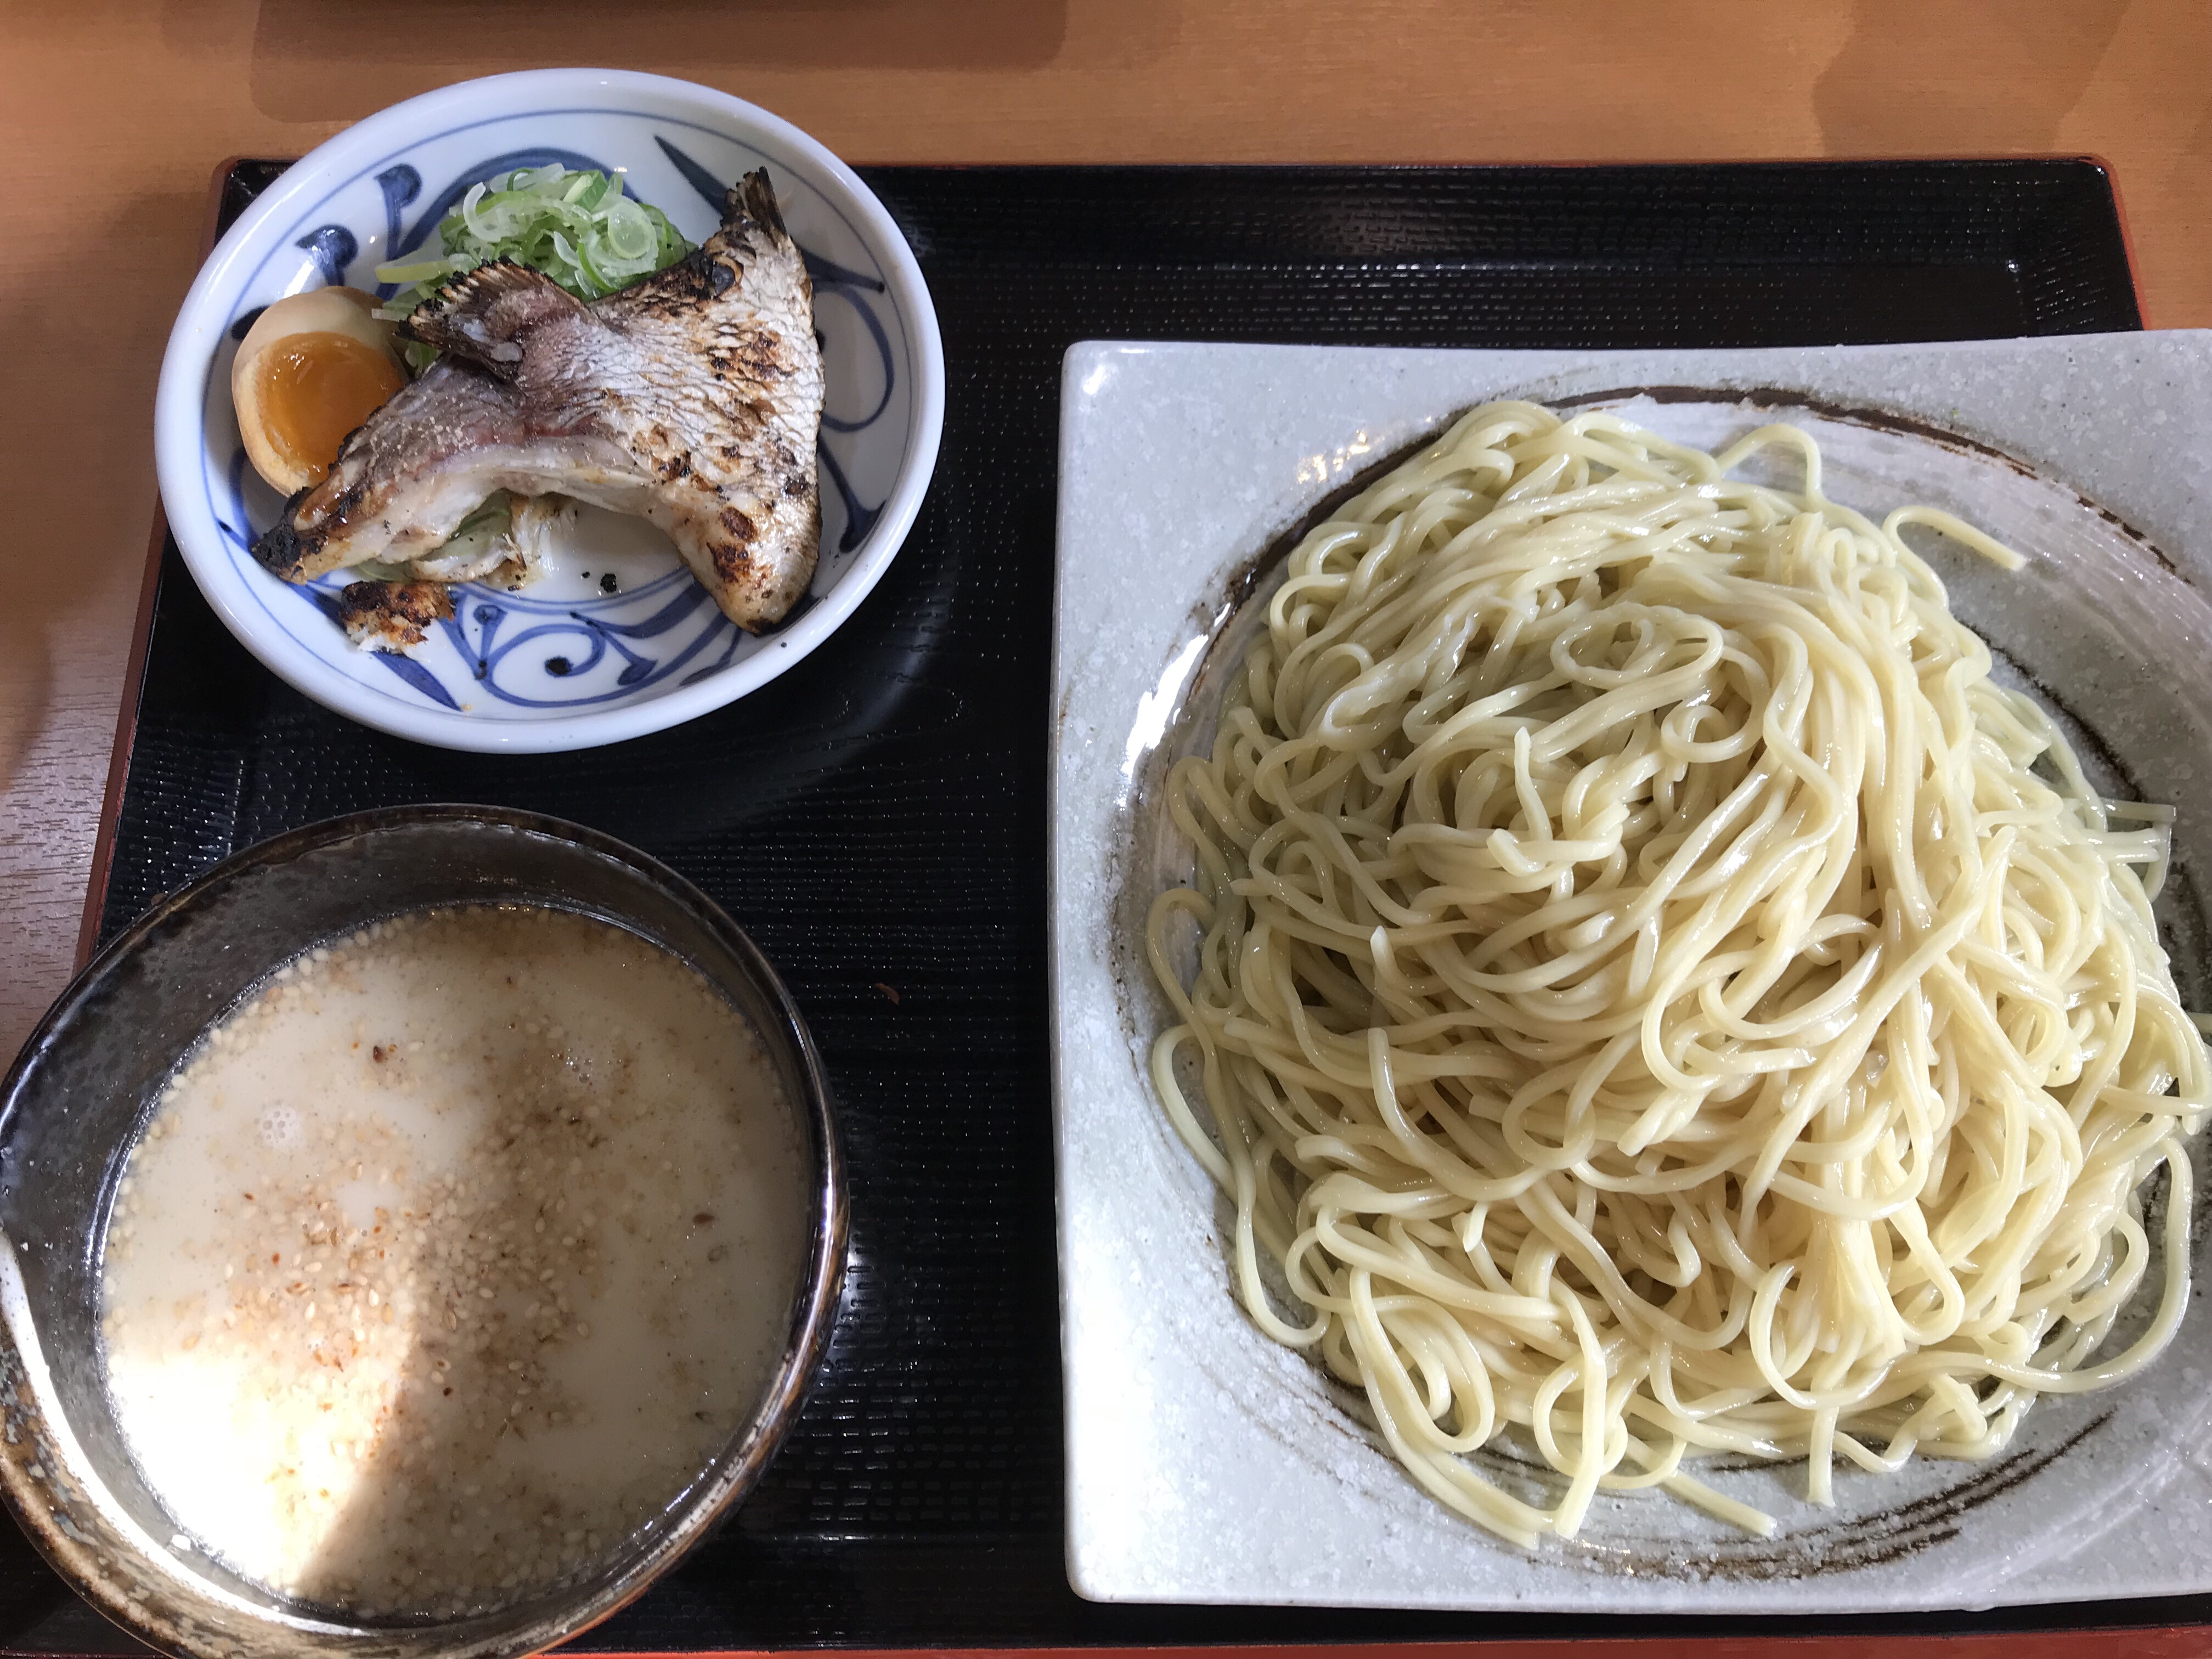 愛媛の新名物になるかも!?松山市にある「らーめん萬楽」の「伊予路の鯛みそつけ麺」が美味しかった!